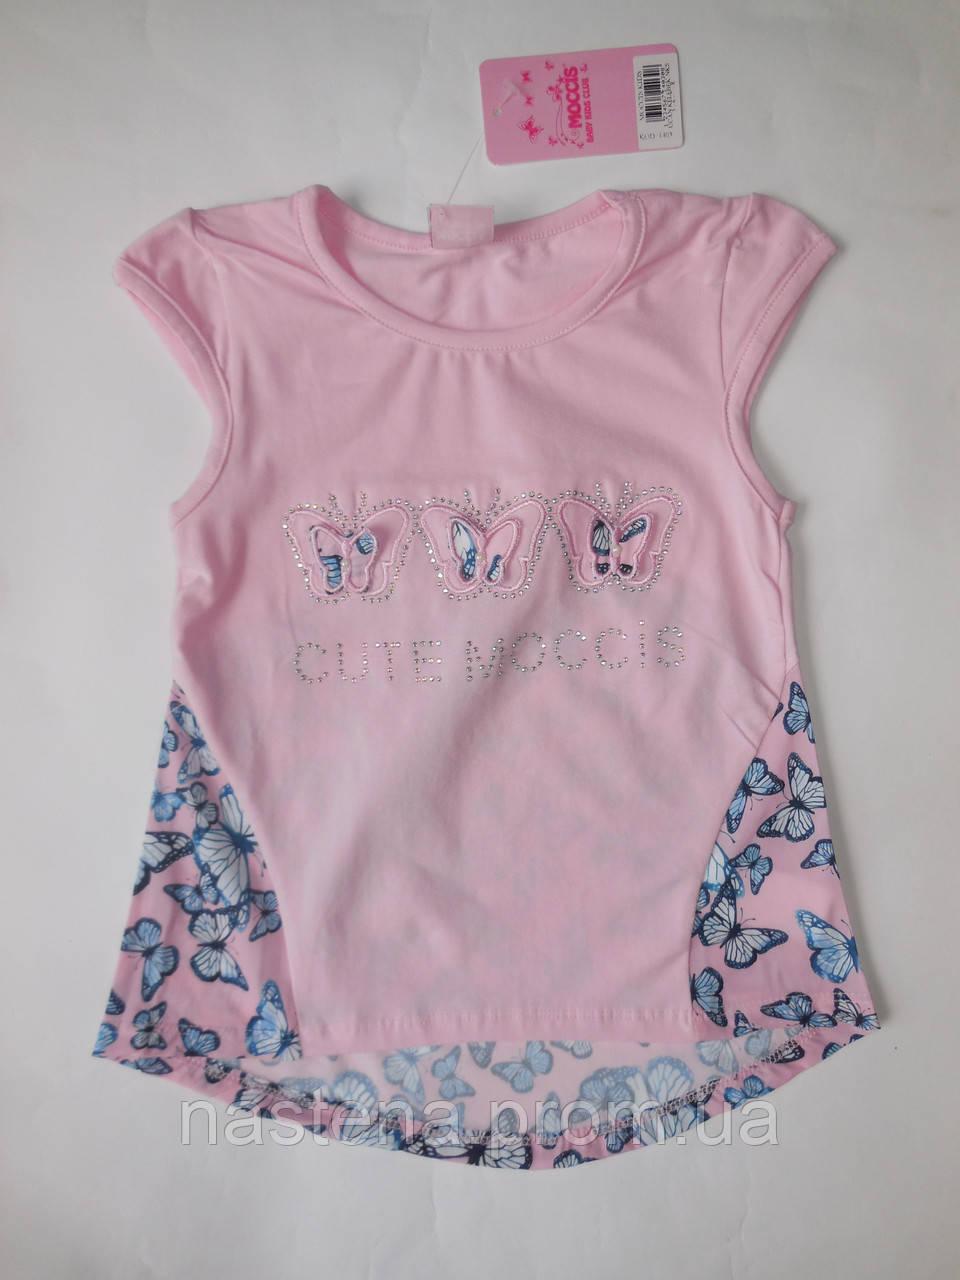 Детская летняя туника для девочек MOCCIS от 5 до 8 лет.